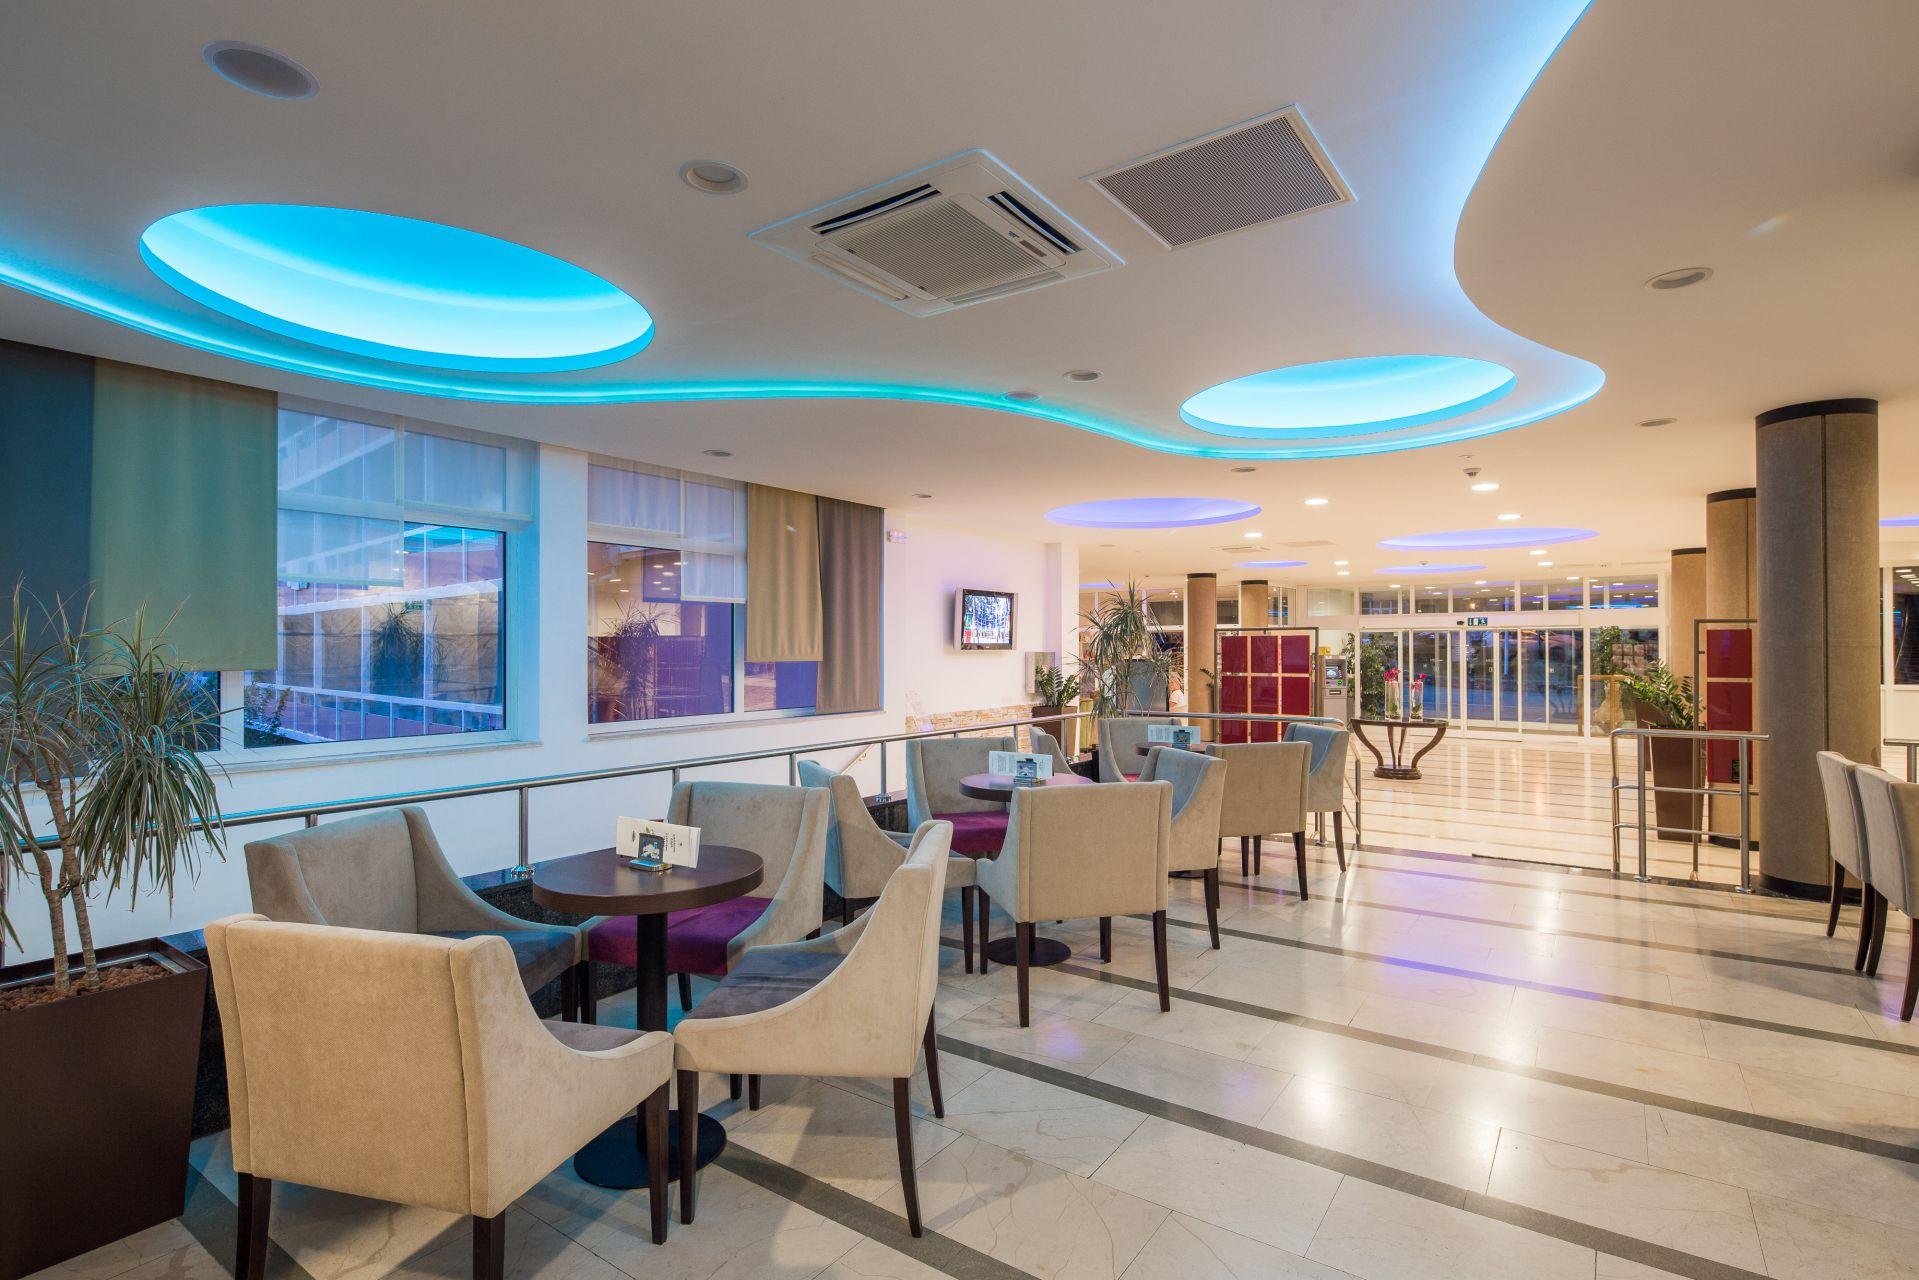 aperitif bar 04 14822631151 o - Zora Hotel